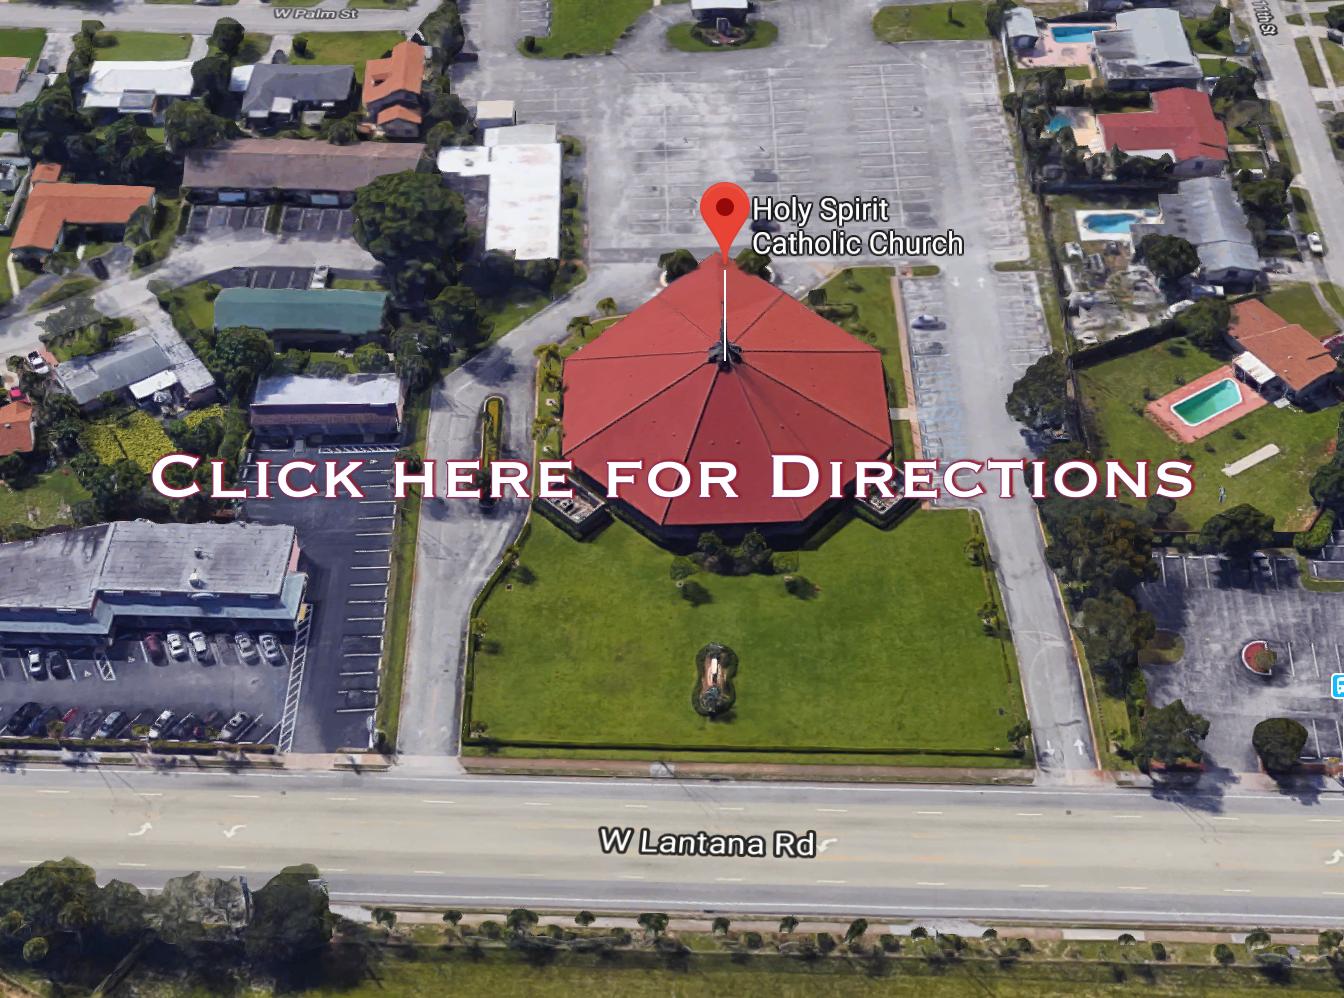 Holy Spirit Catholic Church 1000 Lantana Rd. Lantana, FL 33462